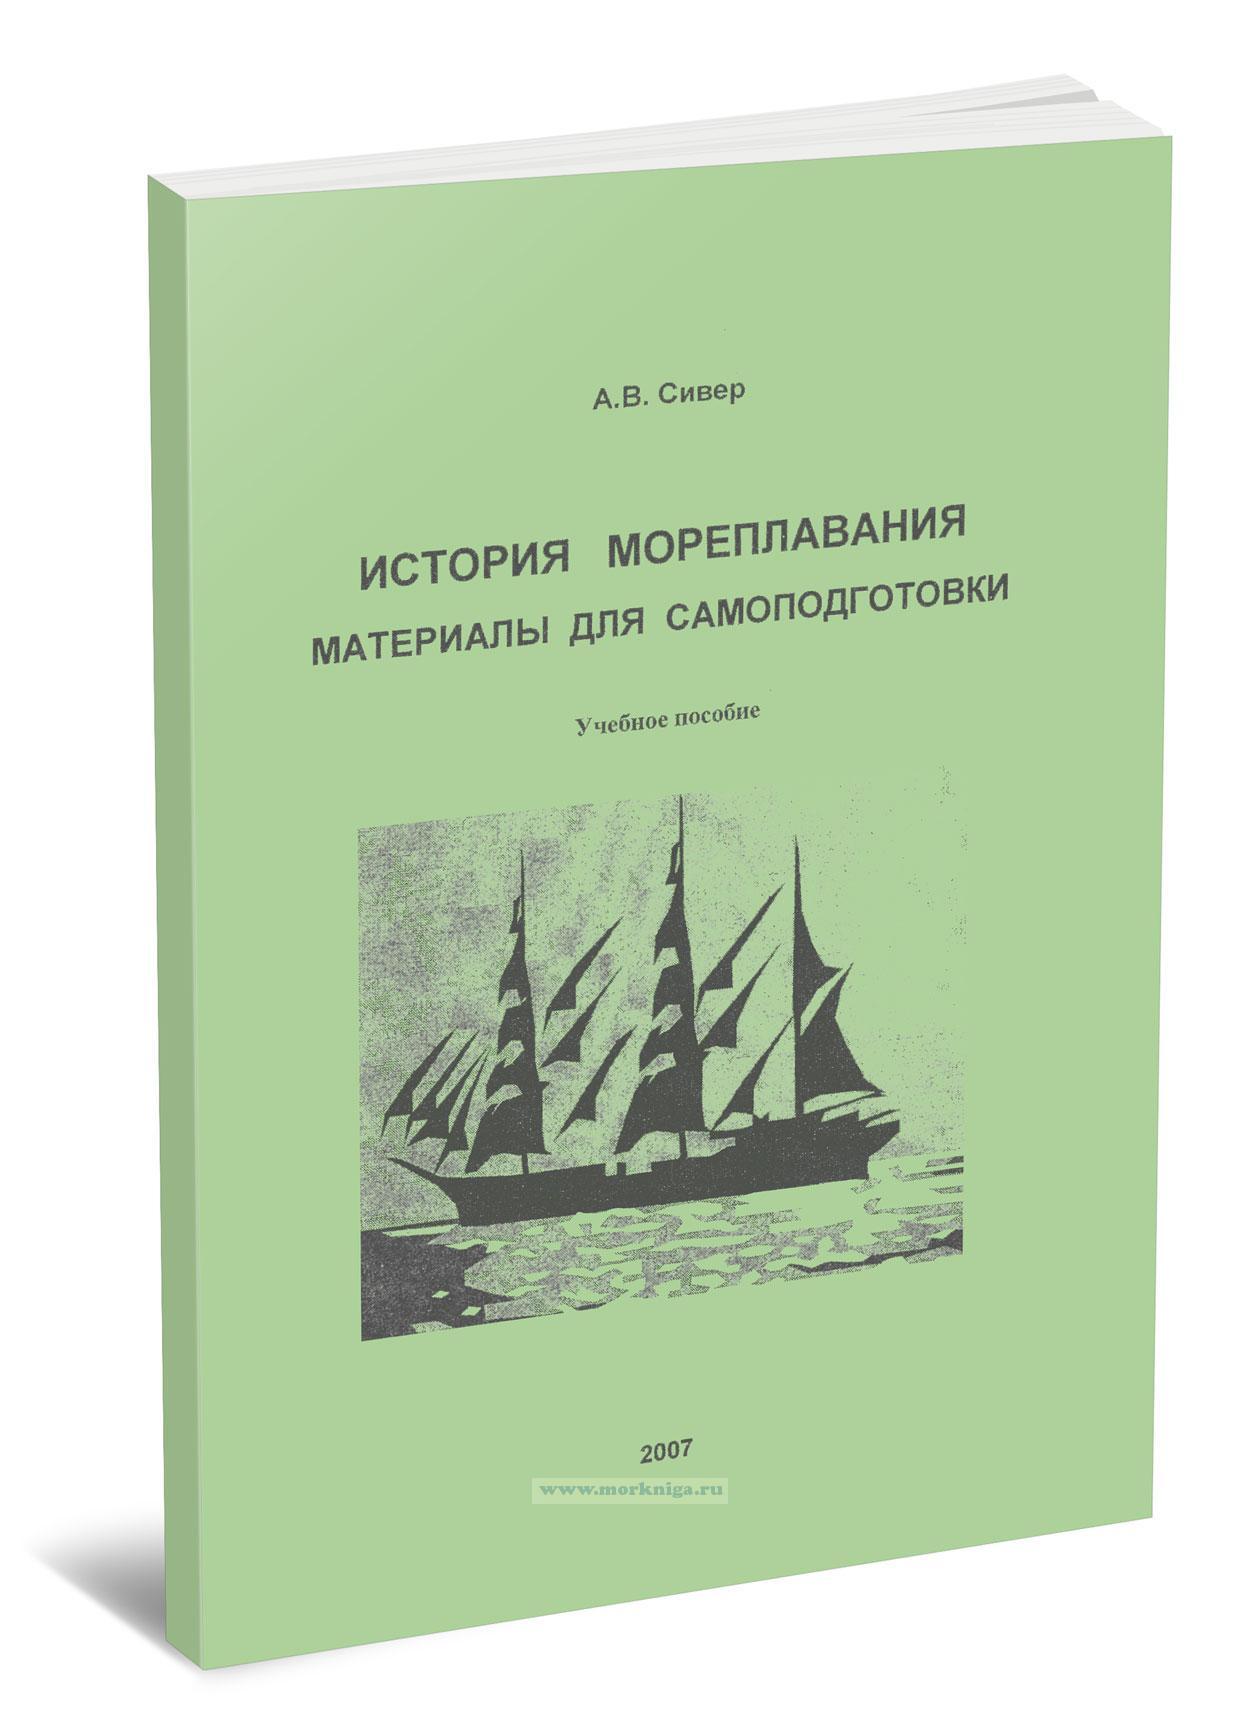 История мореплавания. Материалы для самоподготовки: Учебное пособие